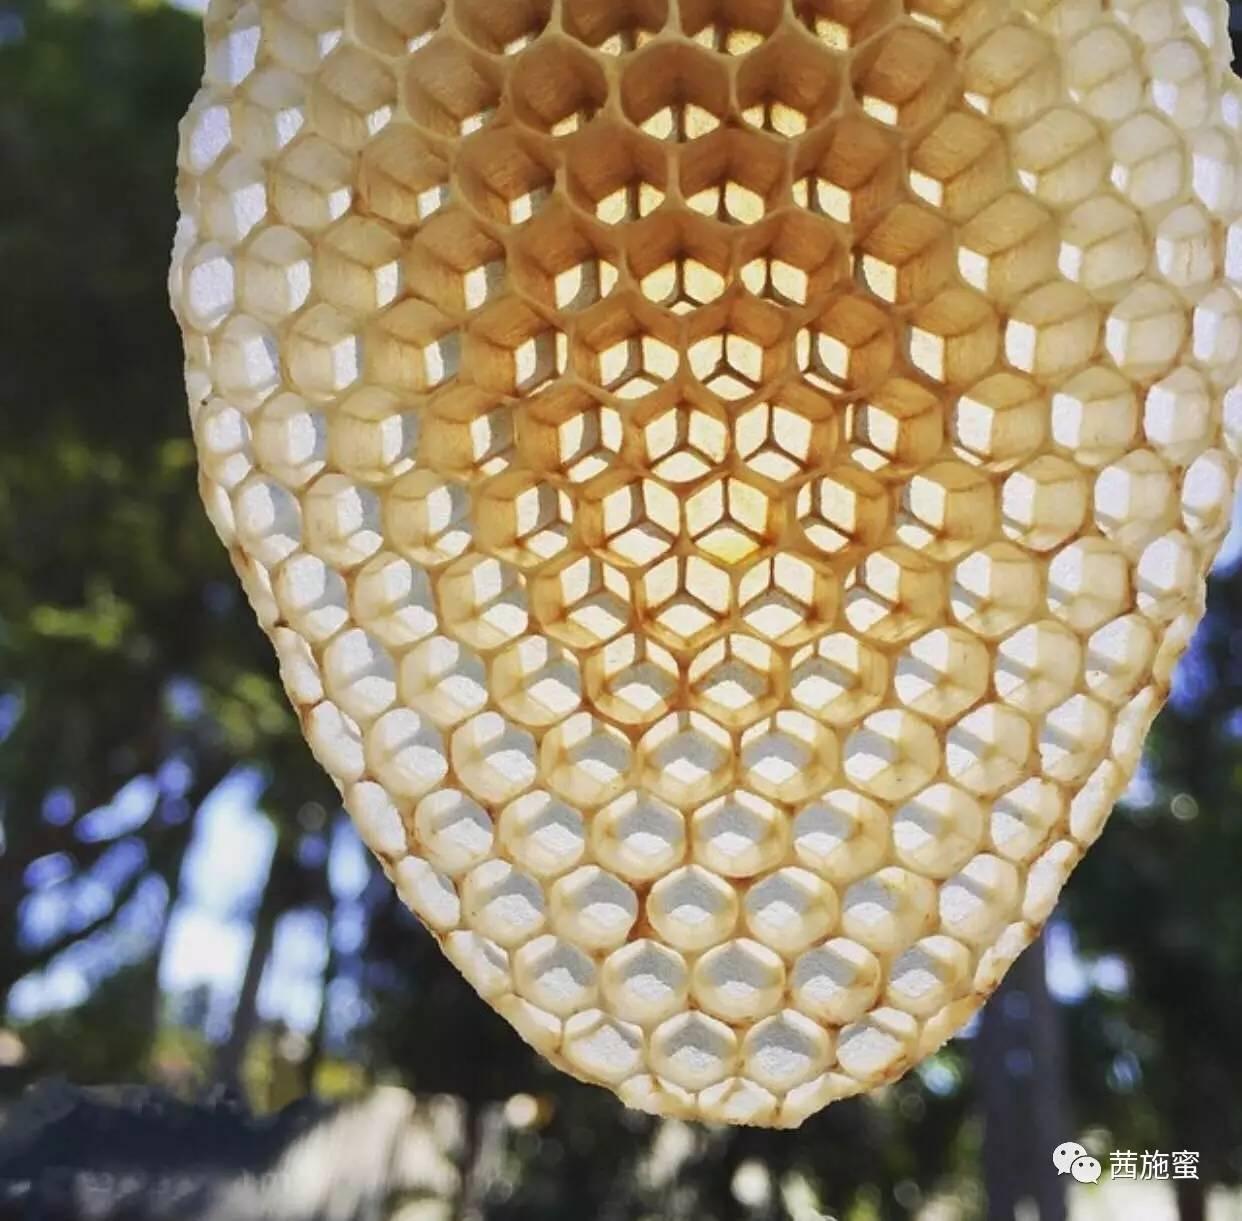 蜂蜜的功效与作用 视频 蜂蜜的保质期 幼虫 检验